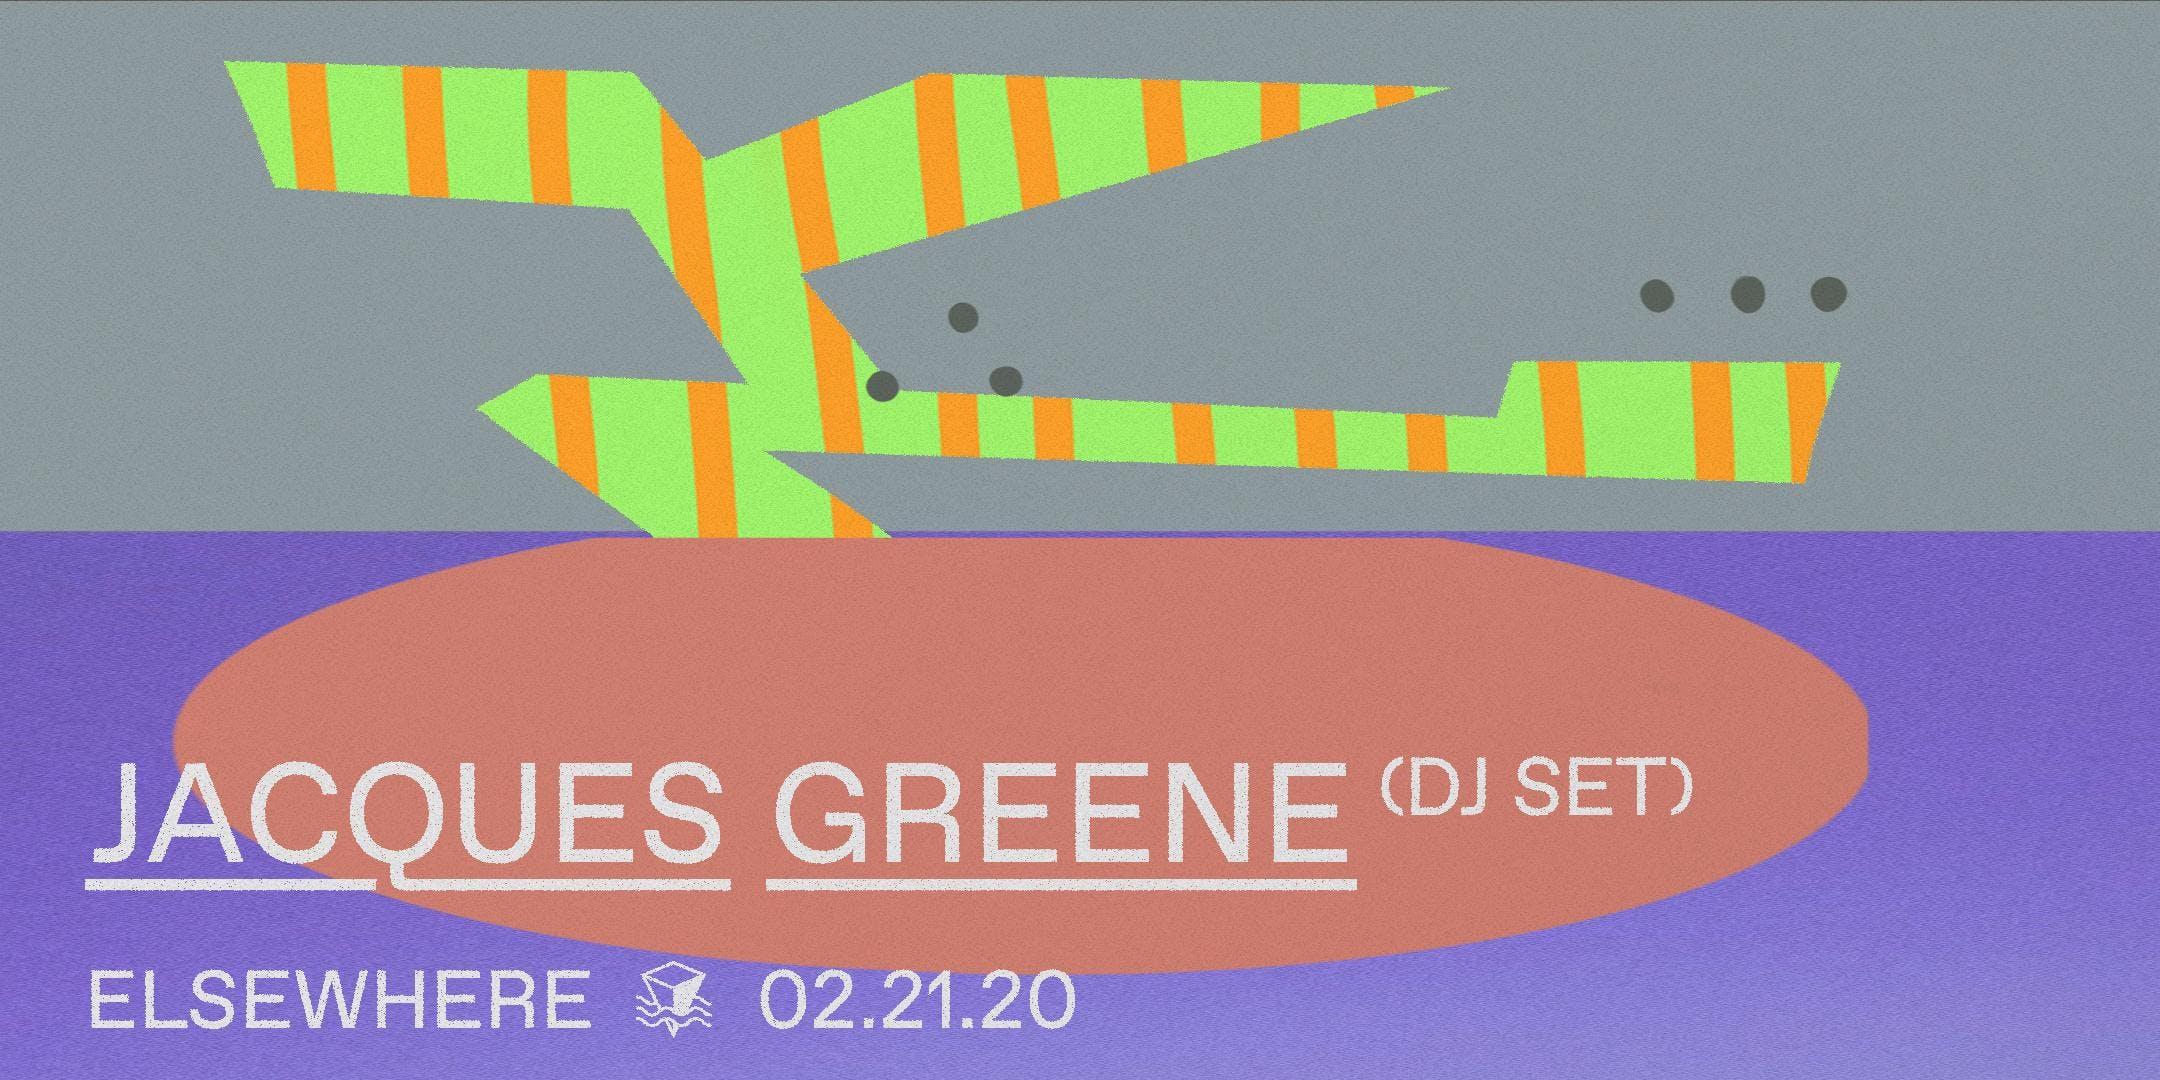 Jacques Greene (DJ Set)